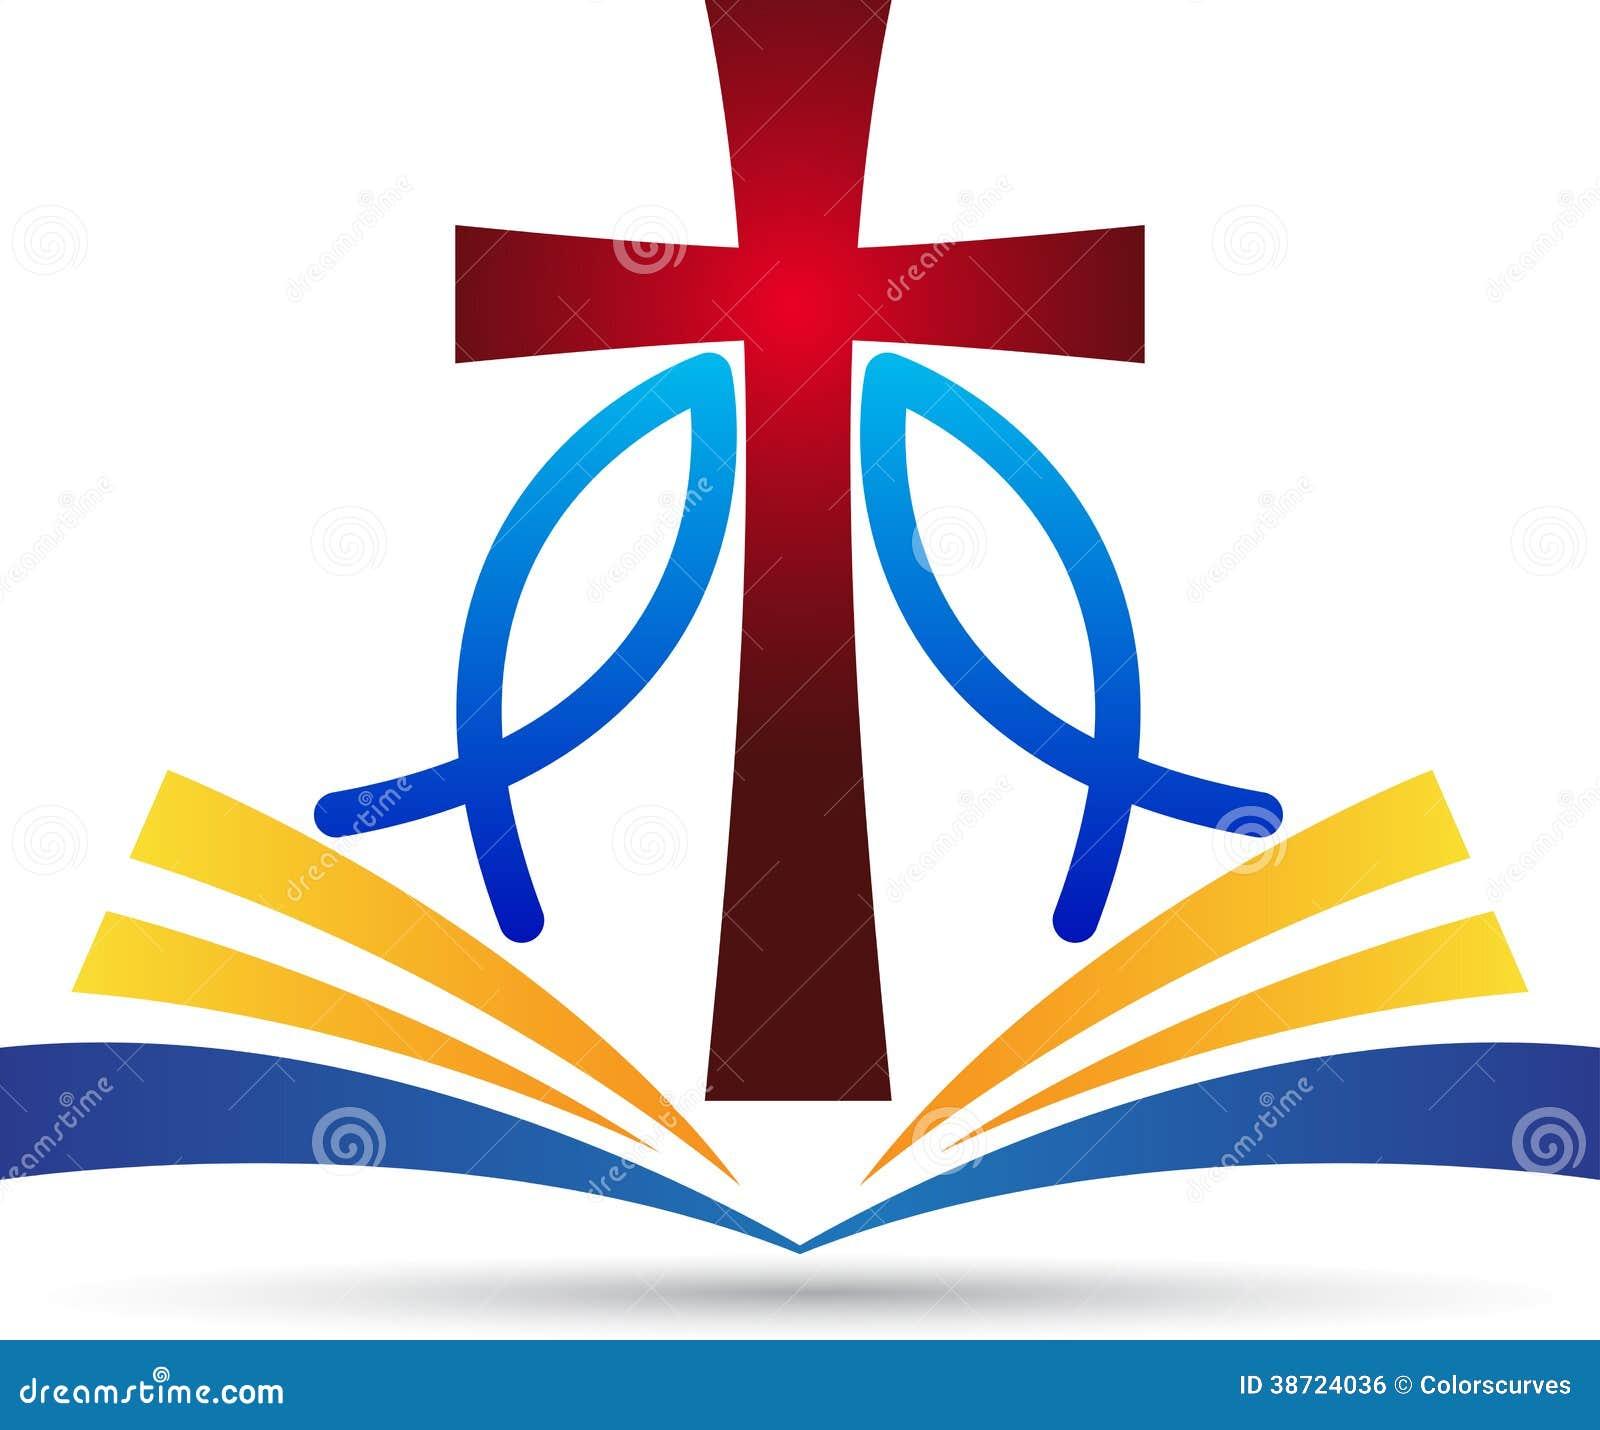 Dwars de bijbelvissen van Jesus